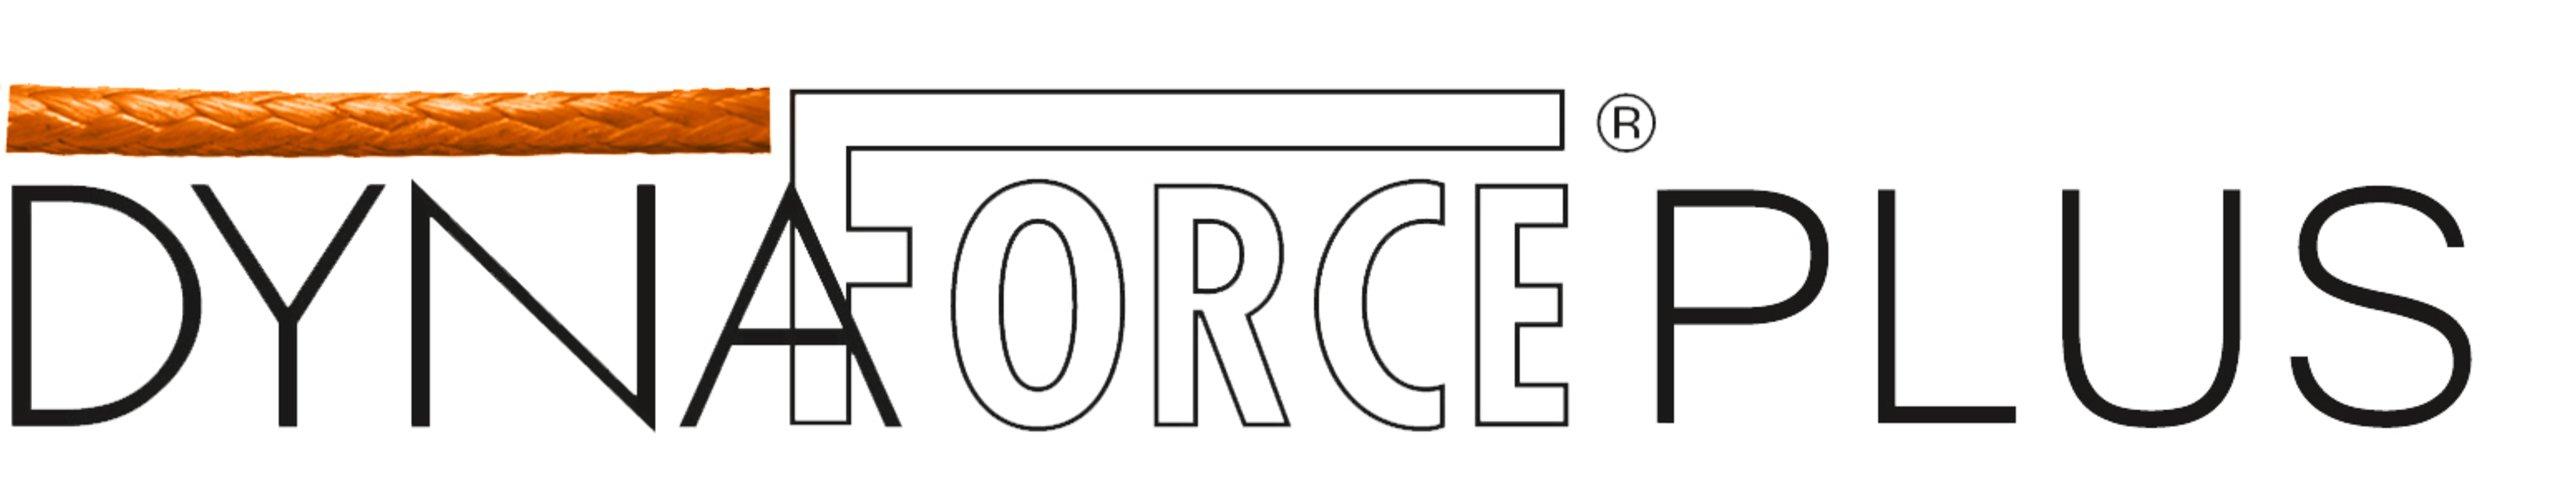 Dynaforce Plus